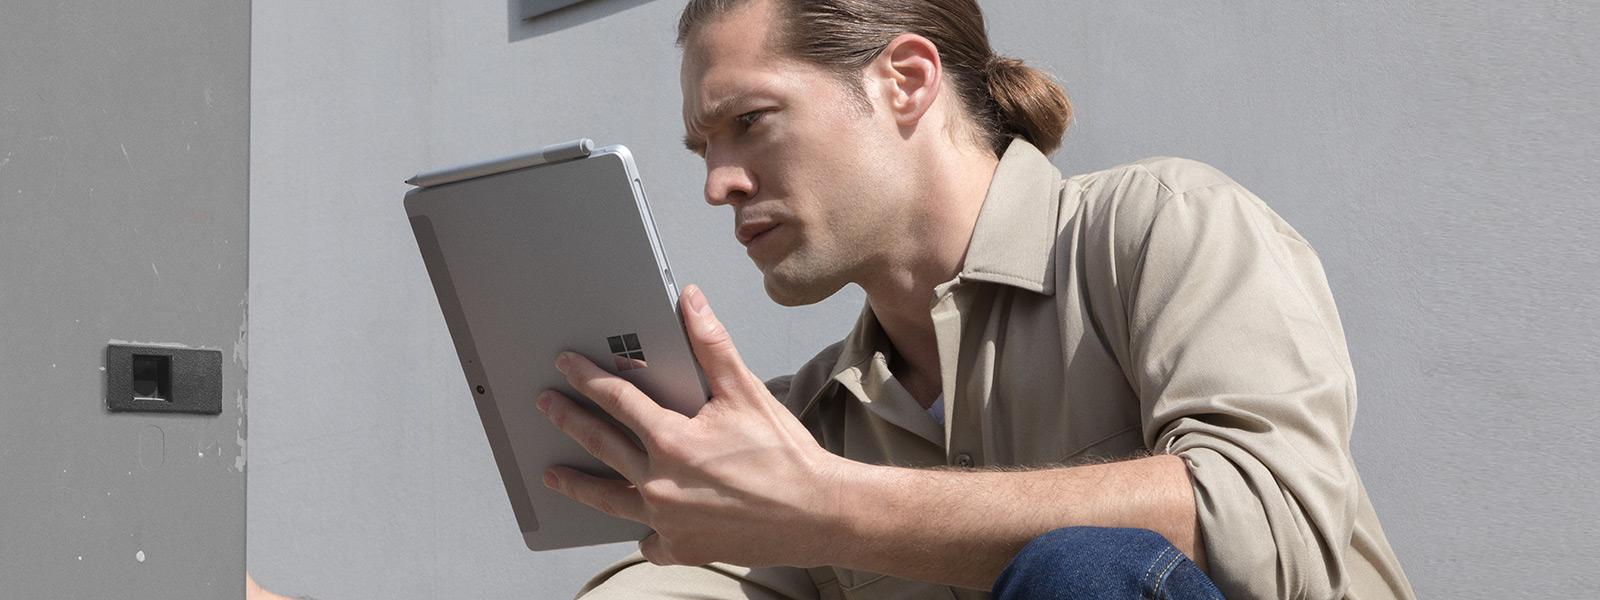 Liikkuva työntekijä käyttää Surface Go with 4G LTE -laitetta tablettitilassa